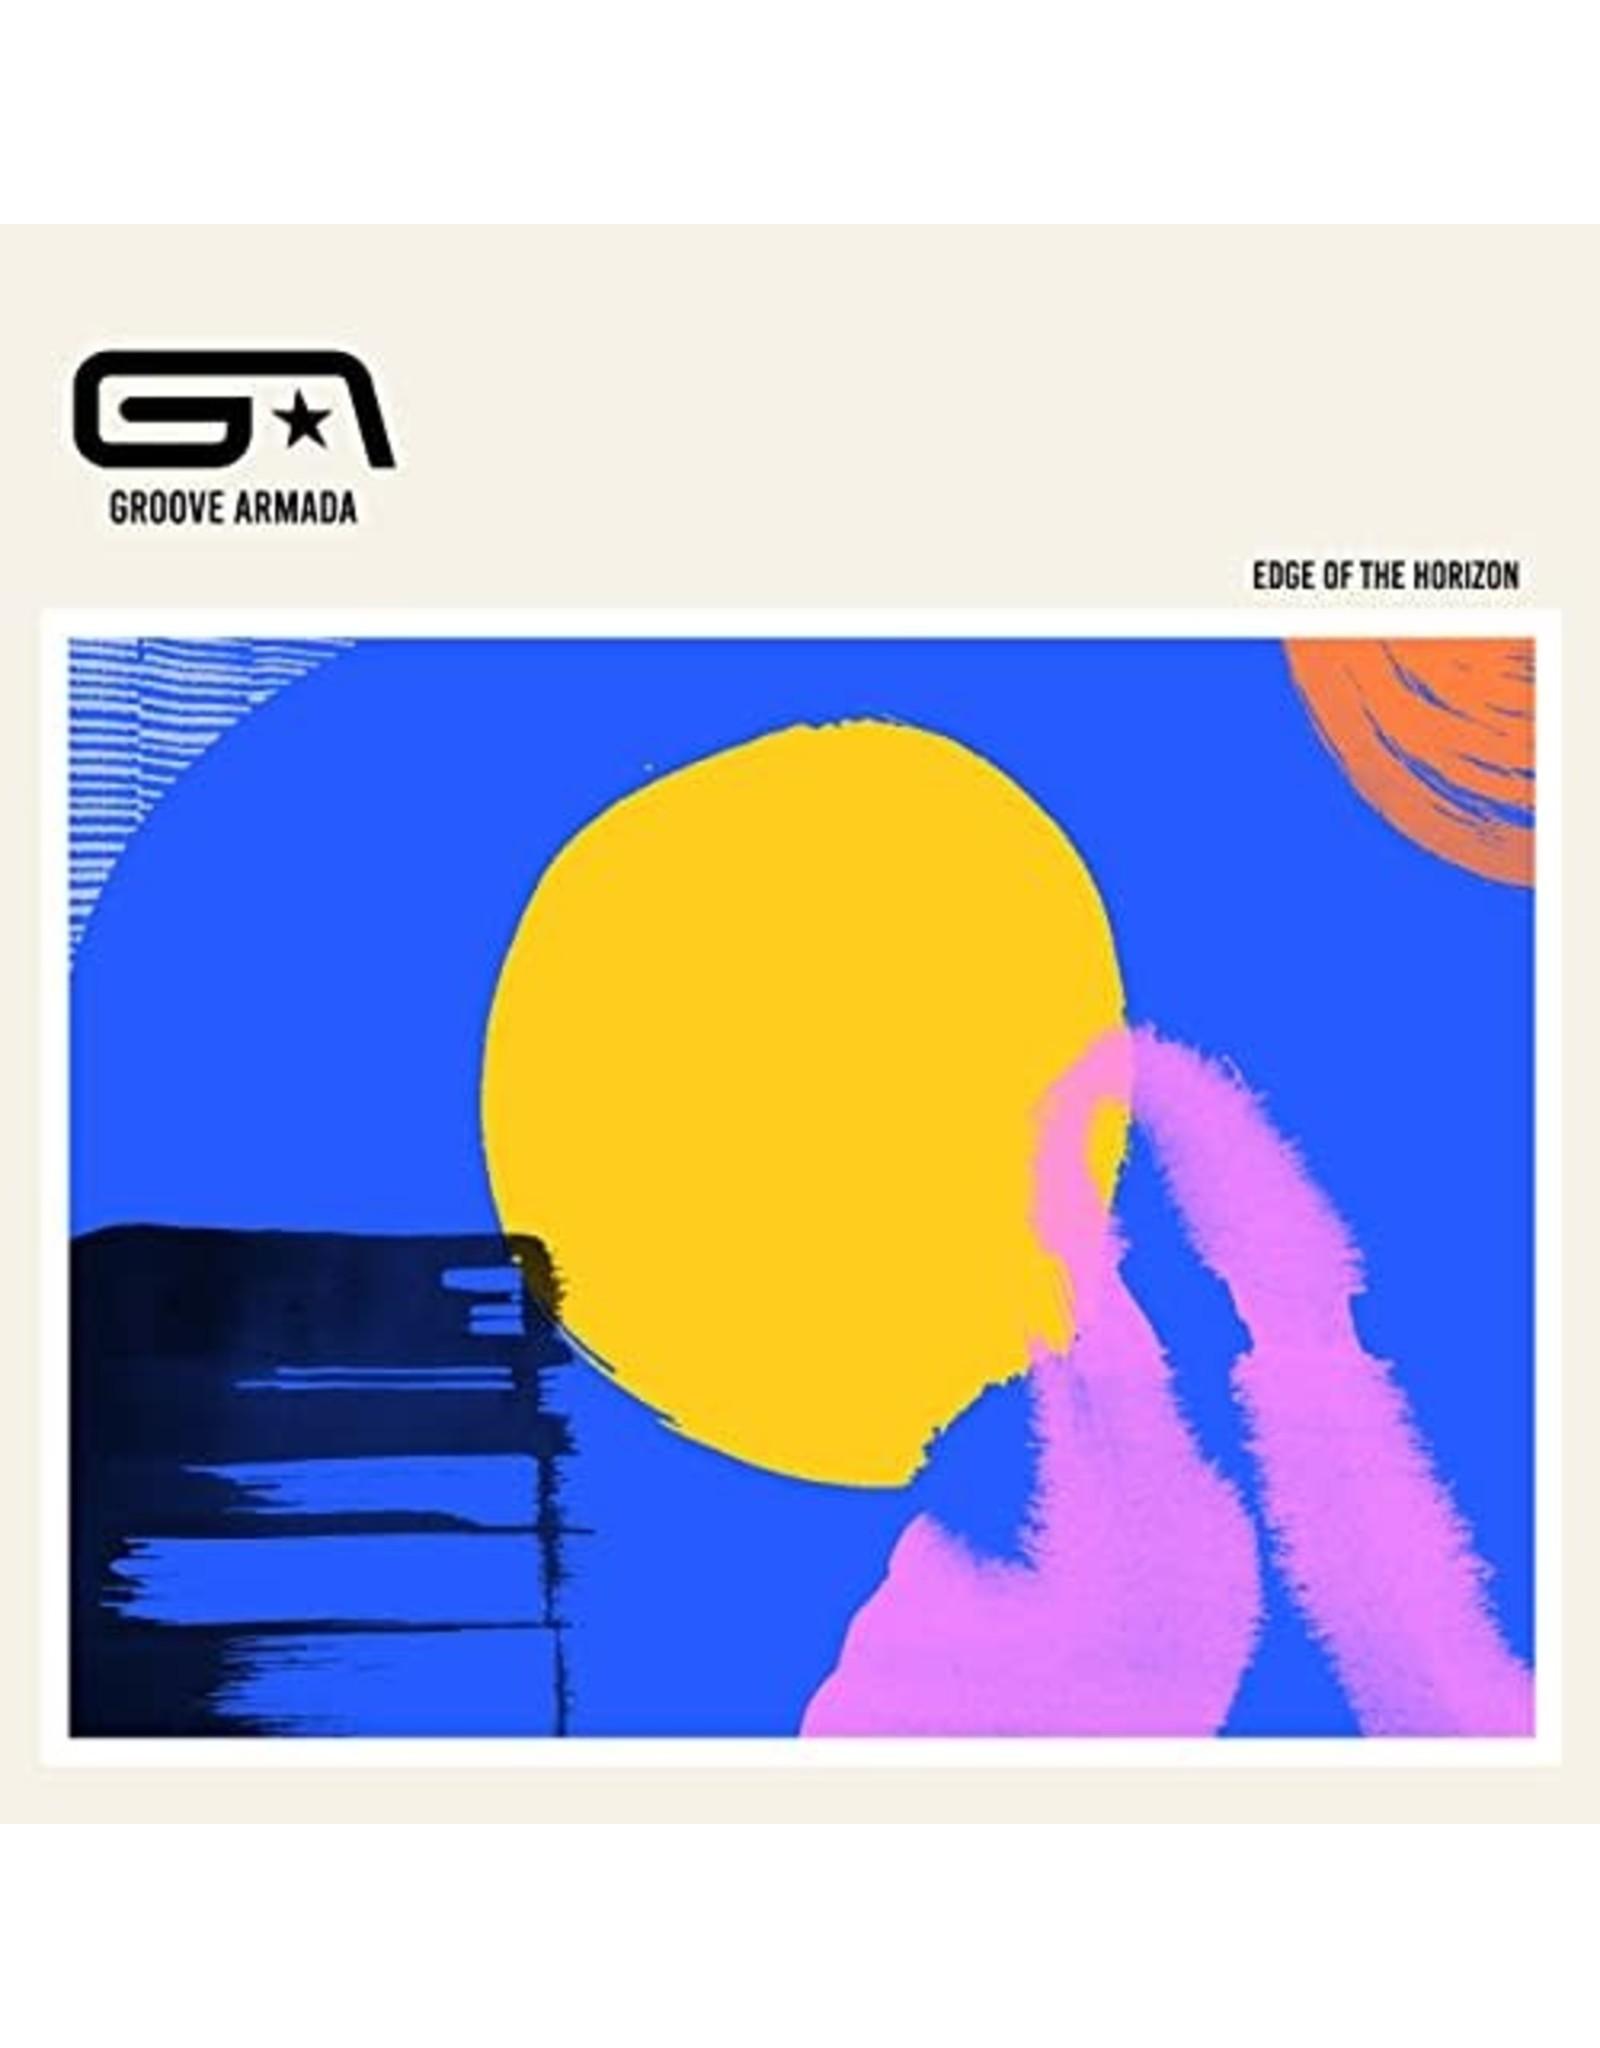 New Vinyl Groove Armada - Edge Of The Horizon 2LP